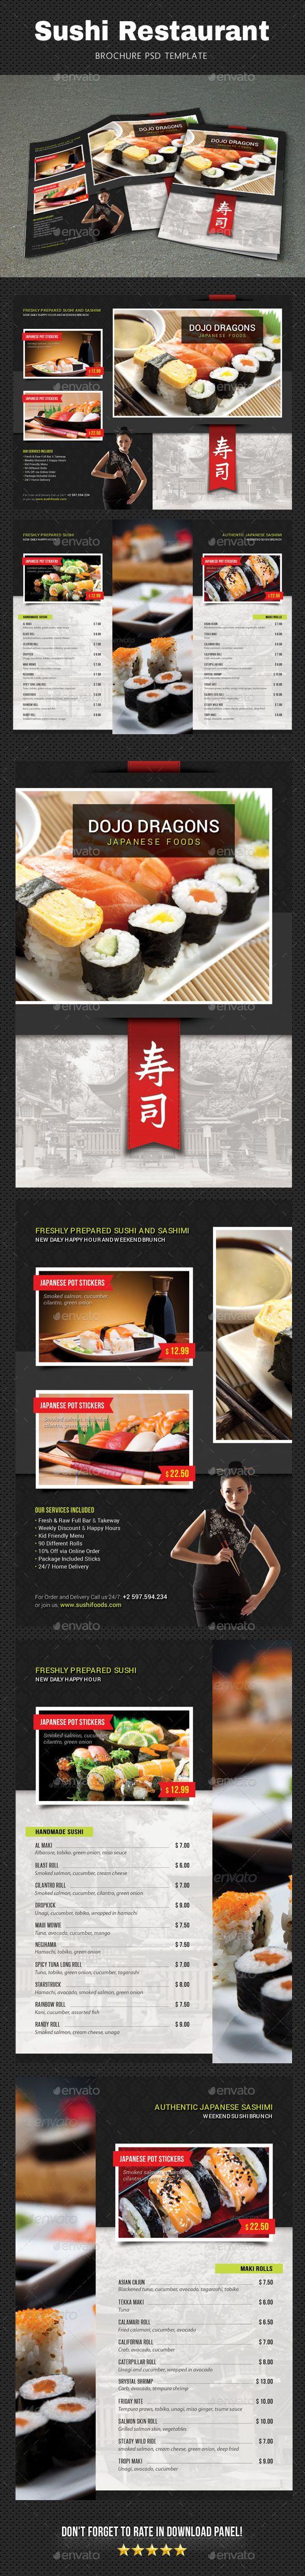 Sushi Menu Brochure - Food Menus Print Templates